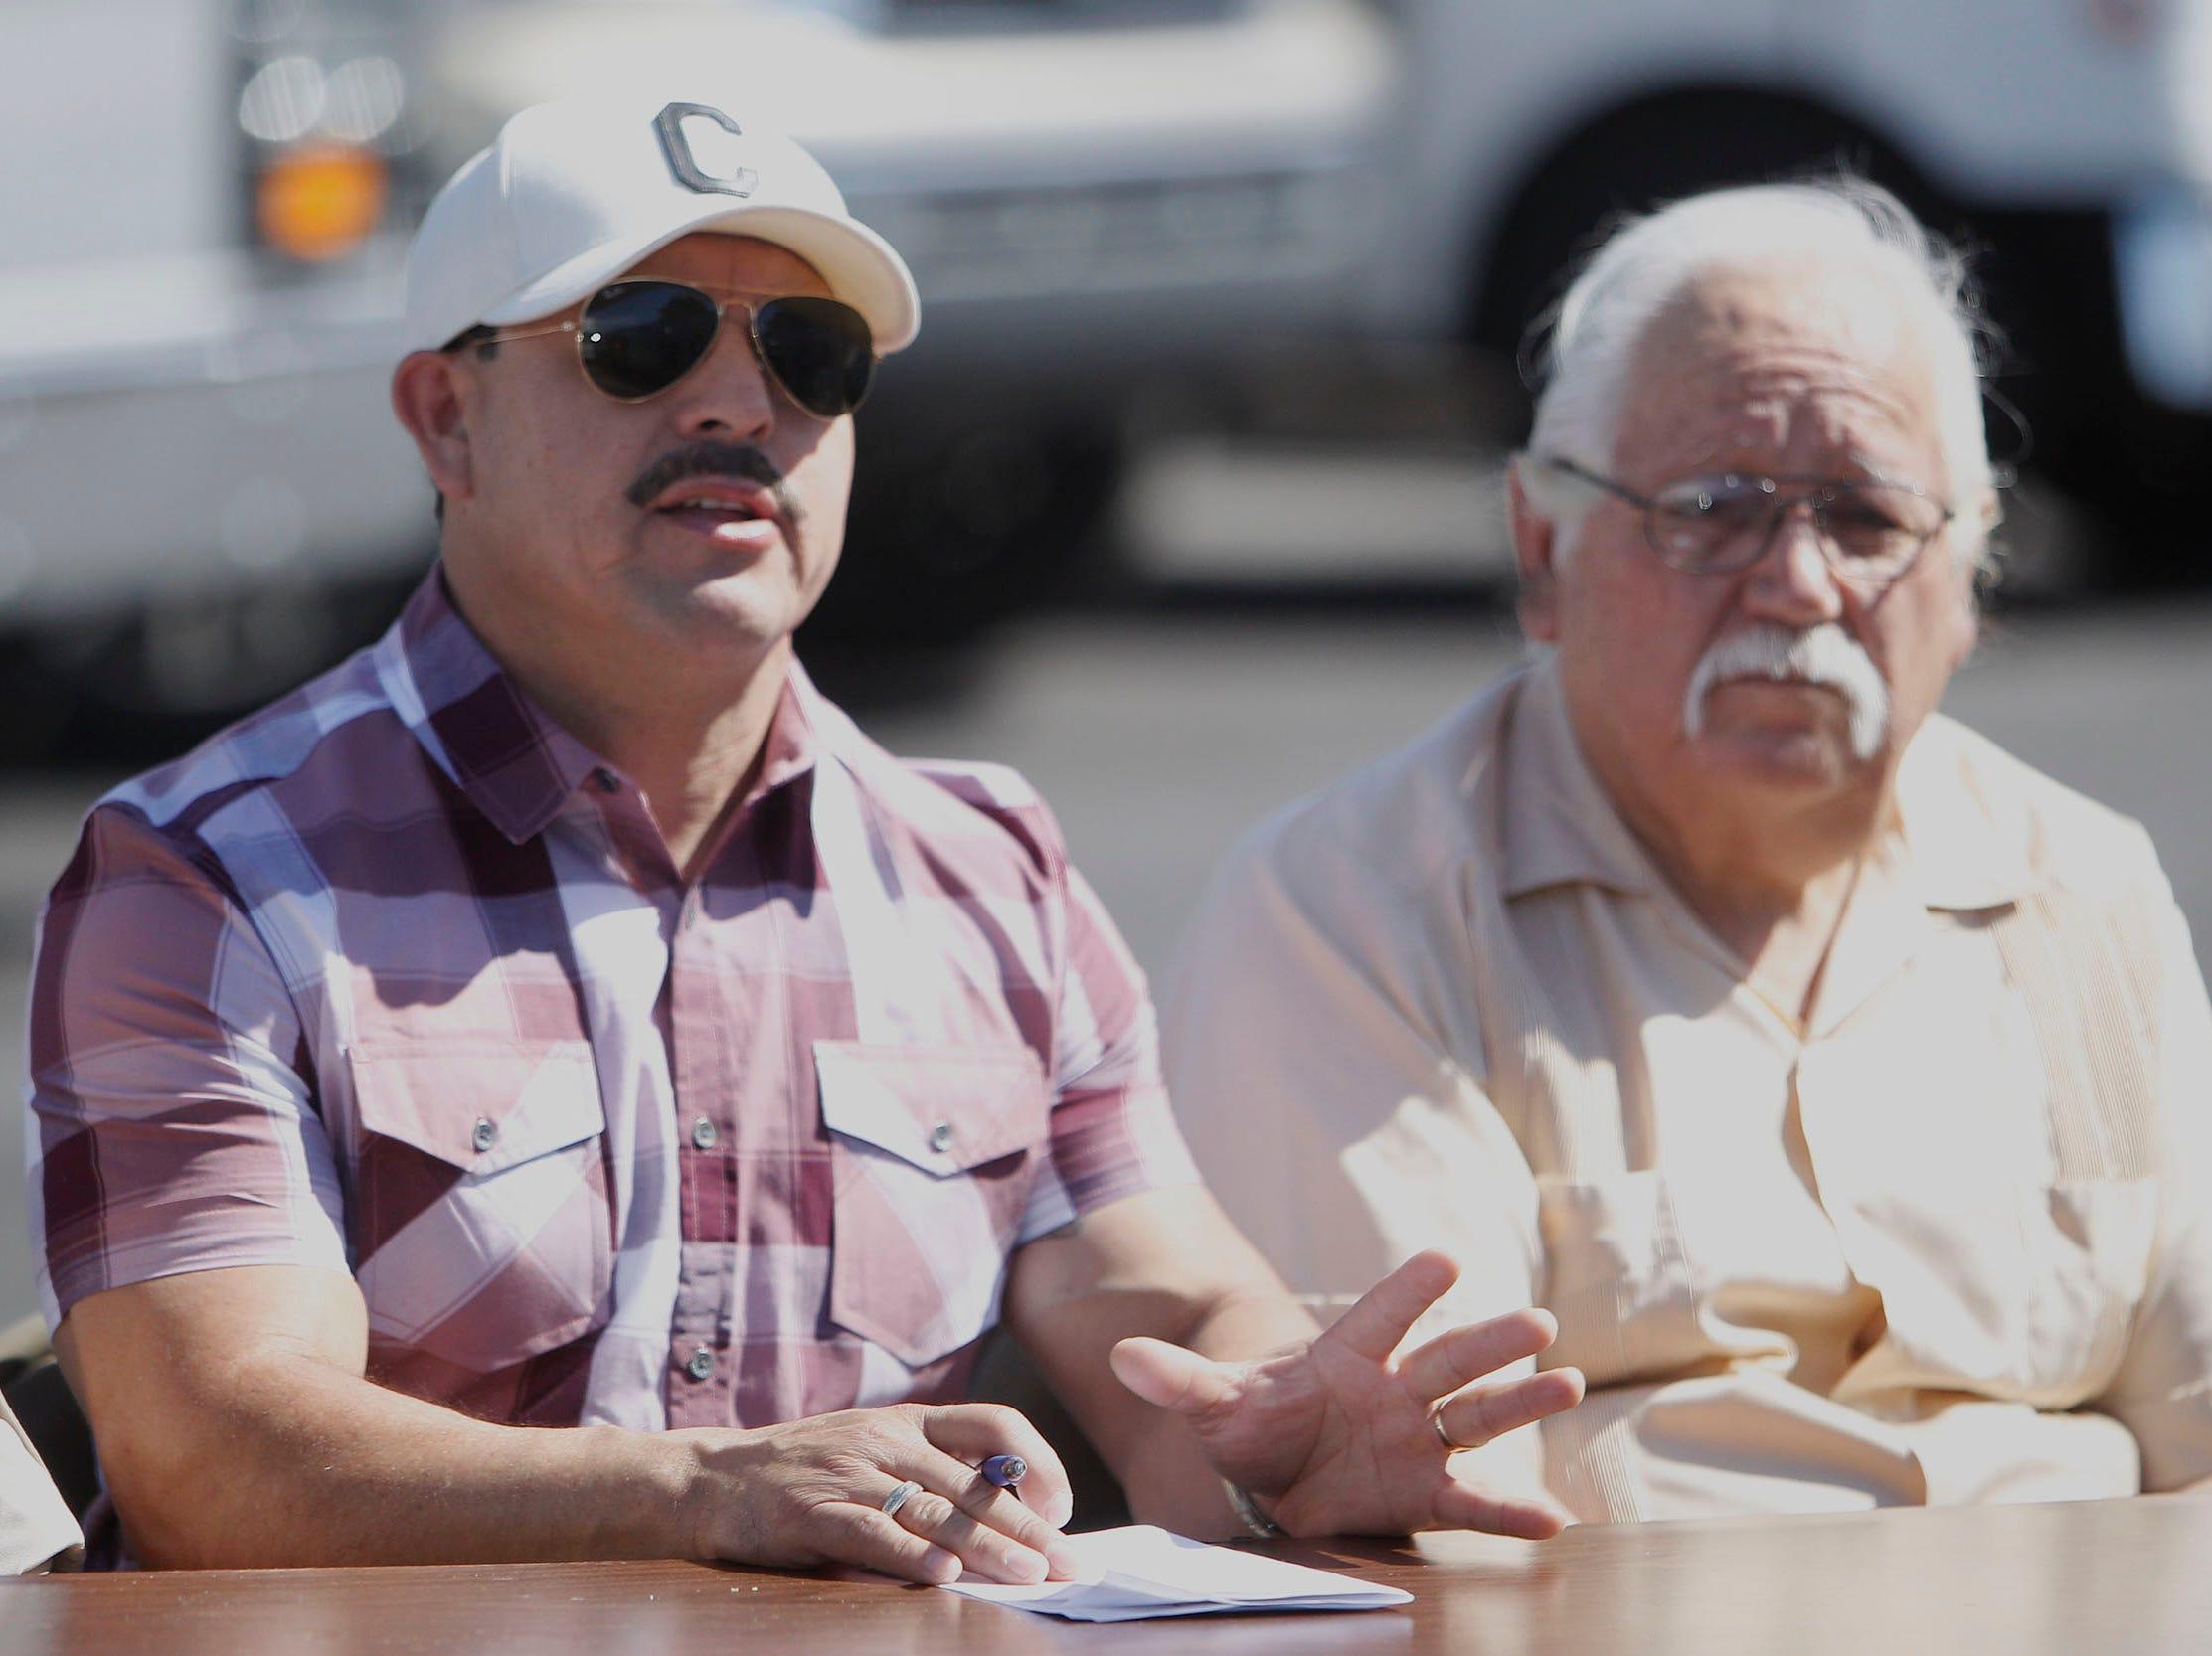 """""""No estamos en contra de que nuevos vendedores vengan a la comunidad, lo que estamos queriendo hacer es proteger la propiedad y al vendedor al mismo tiempo"""", dijo Aureliano Domínguez (izq), propietario de camiones de comida."""